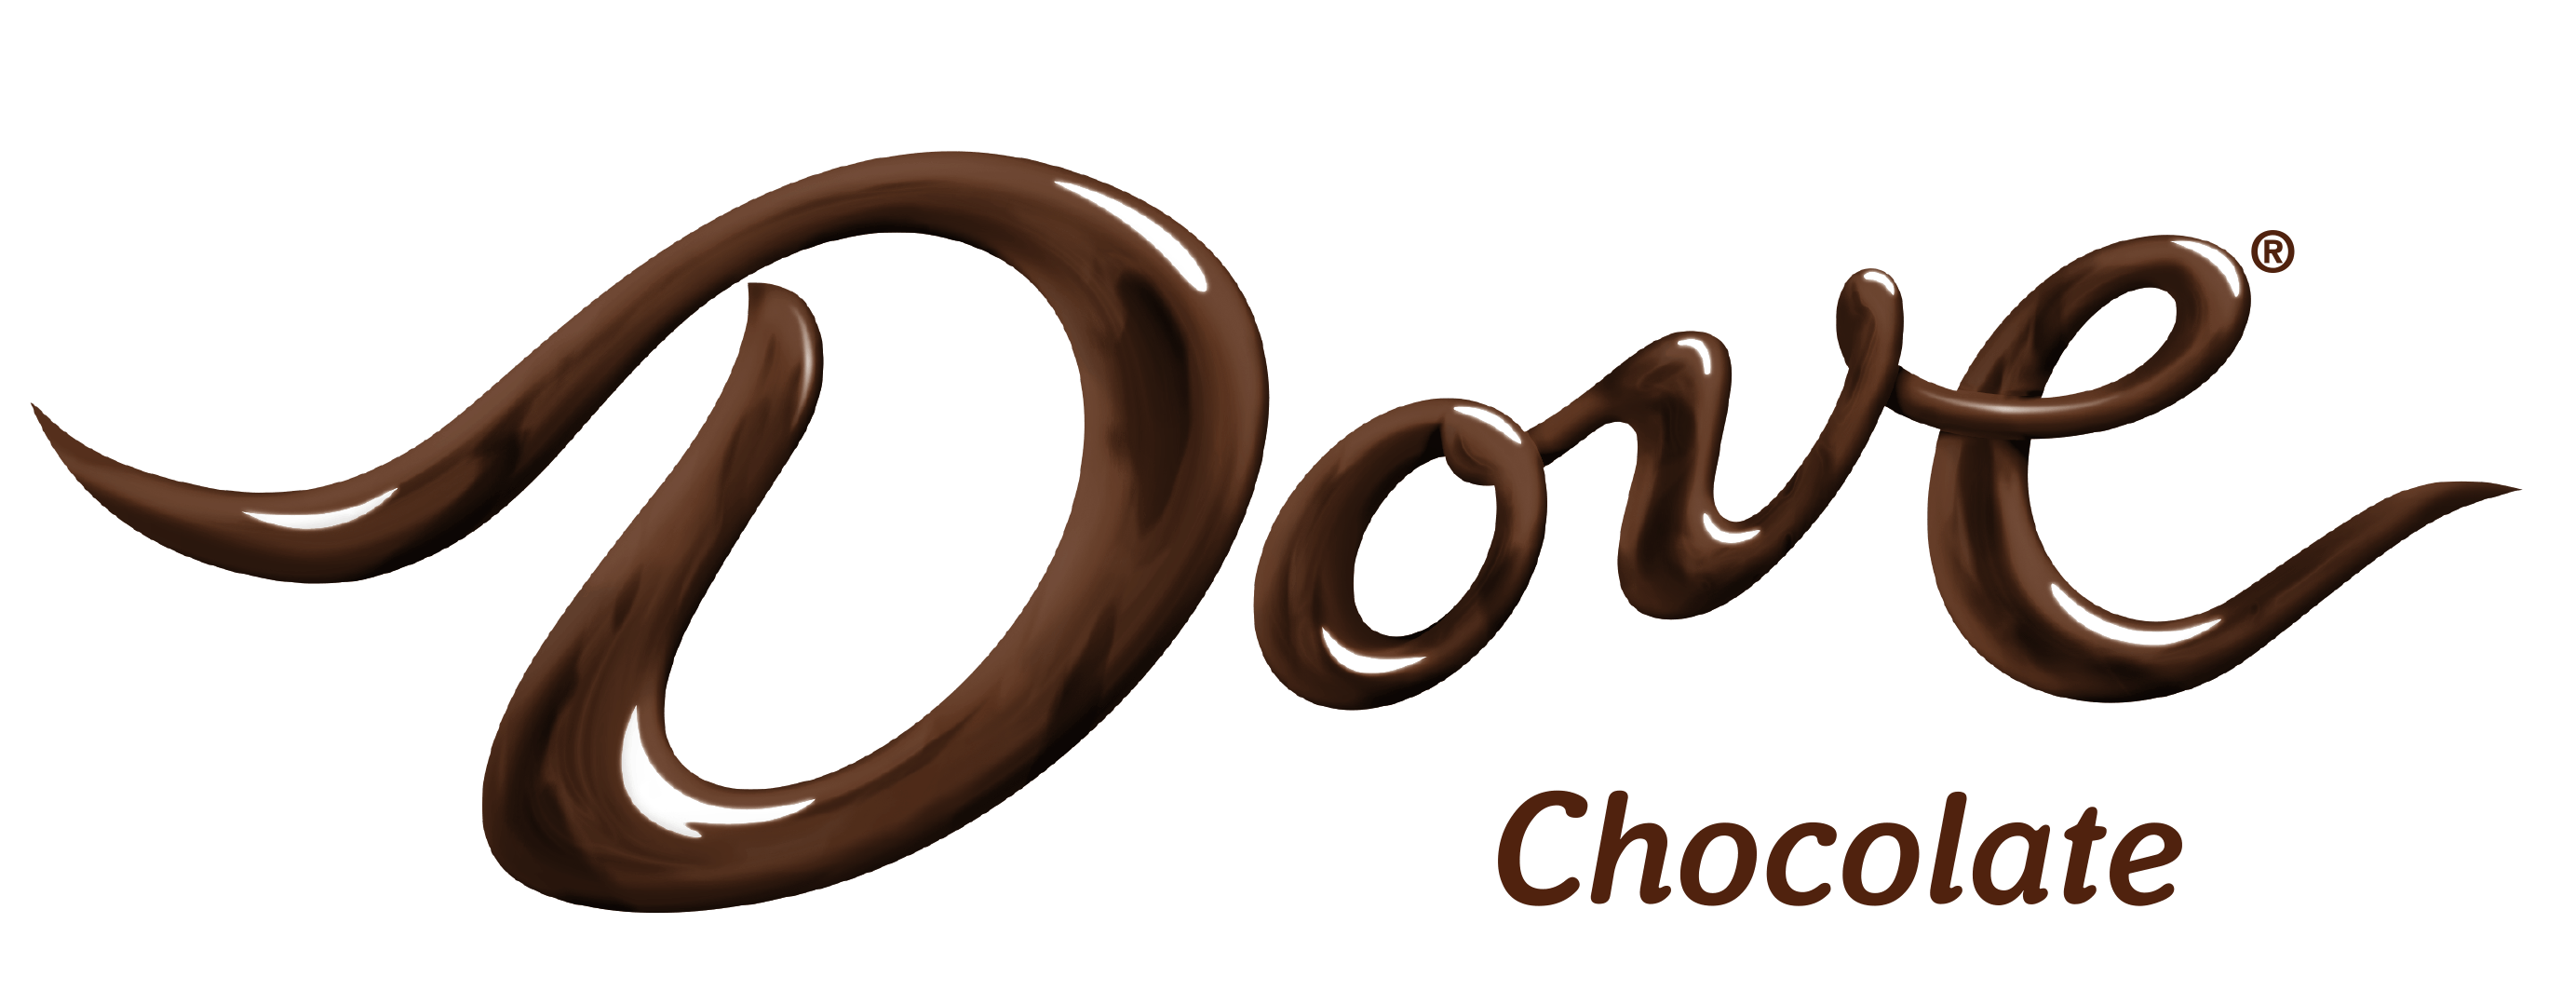 DoveChocLogo